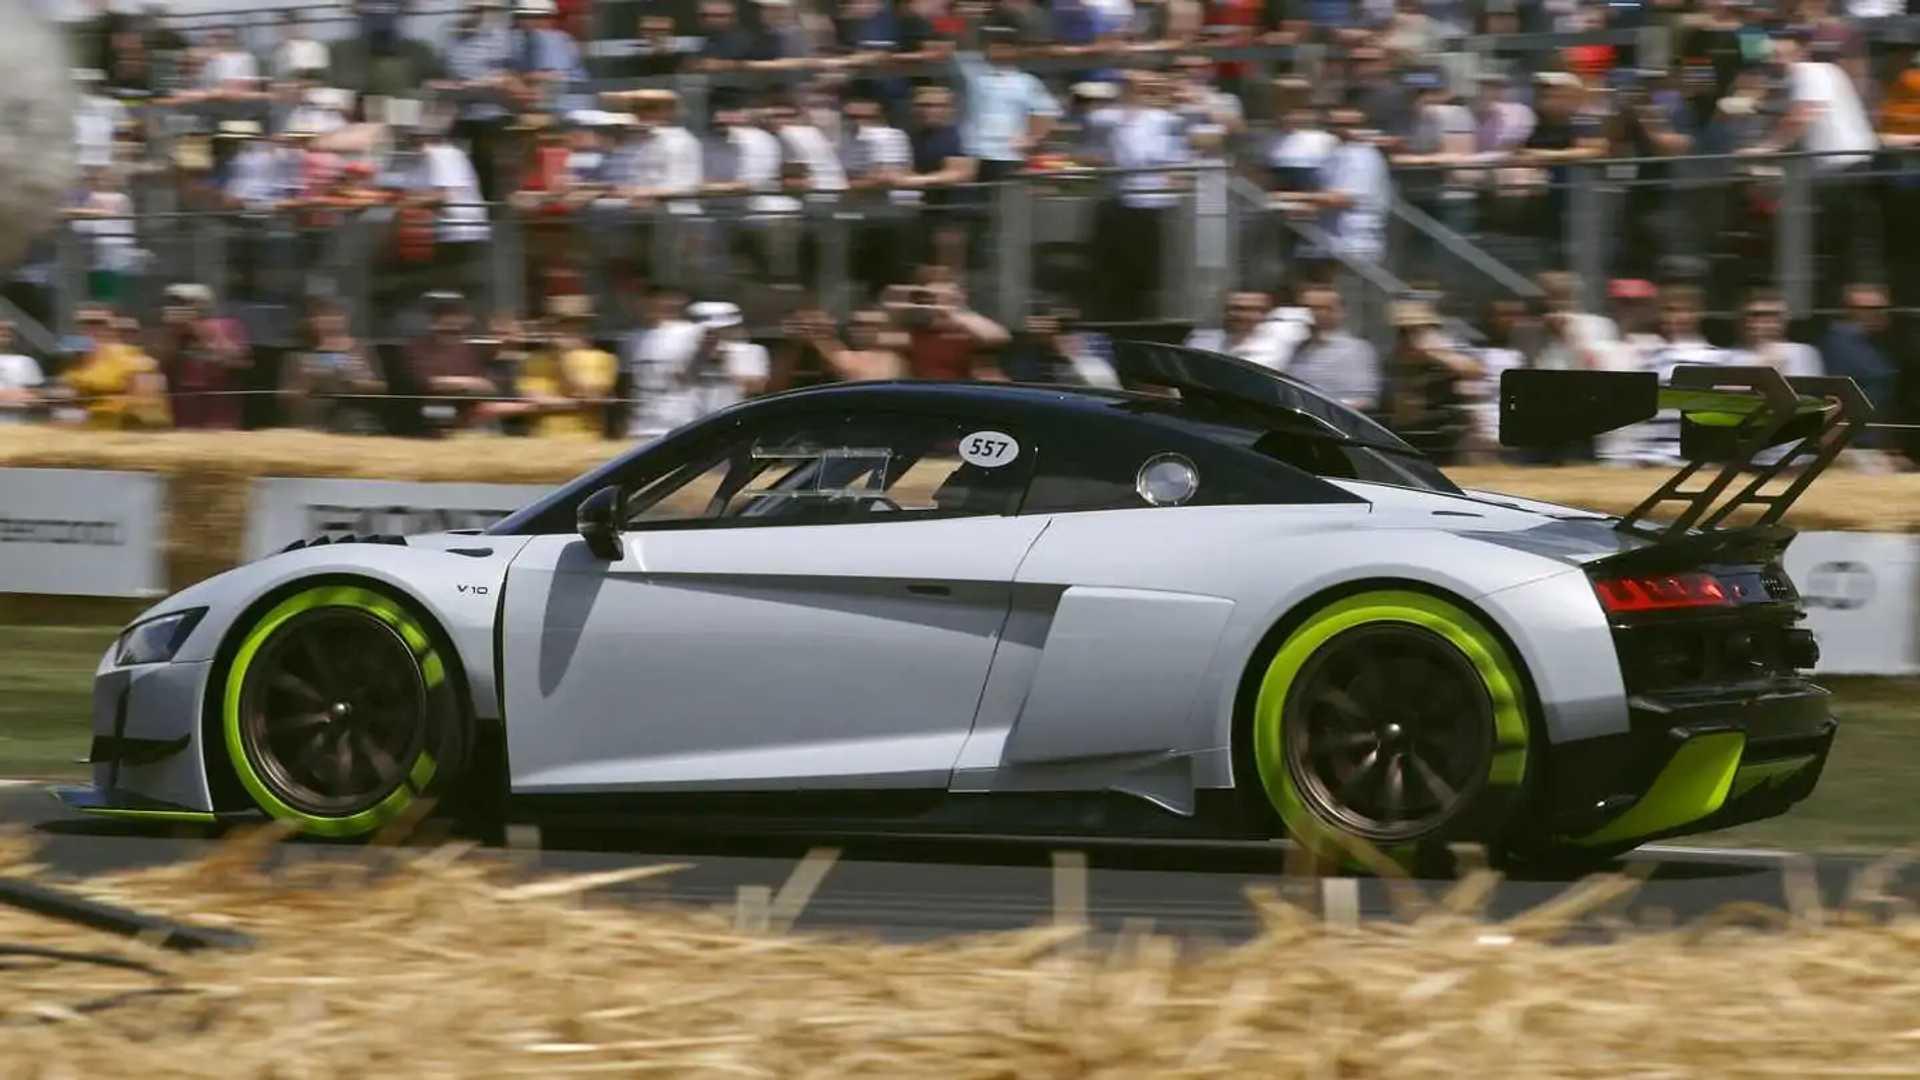 Kelebihan Kekurangan Audi R8 Gt2 Spesifikasi